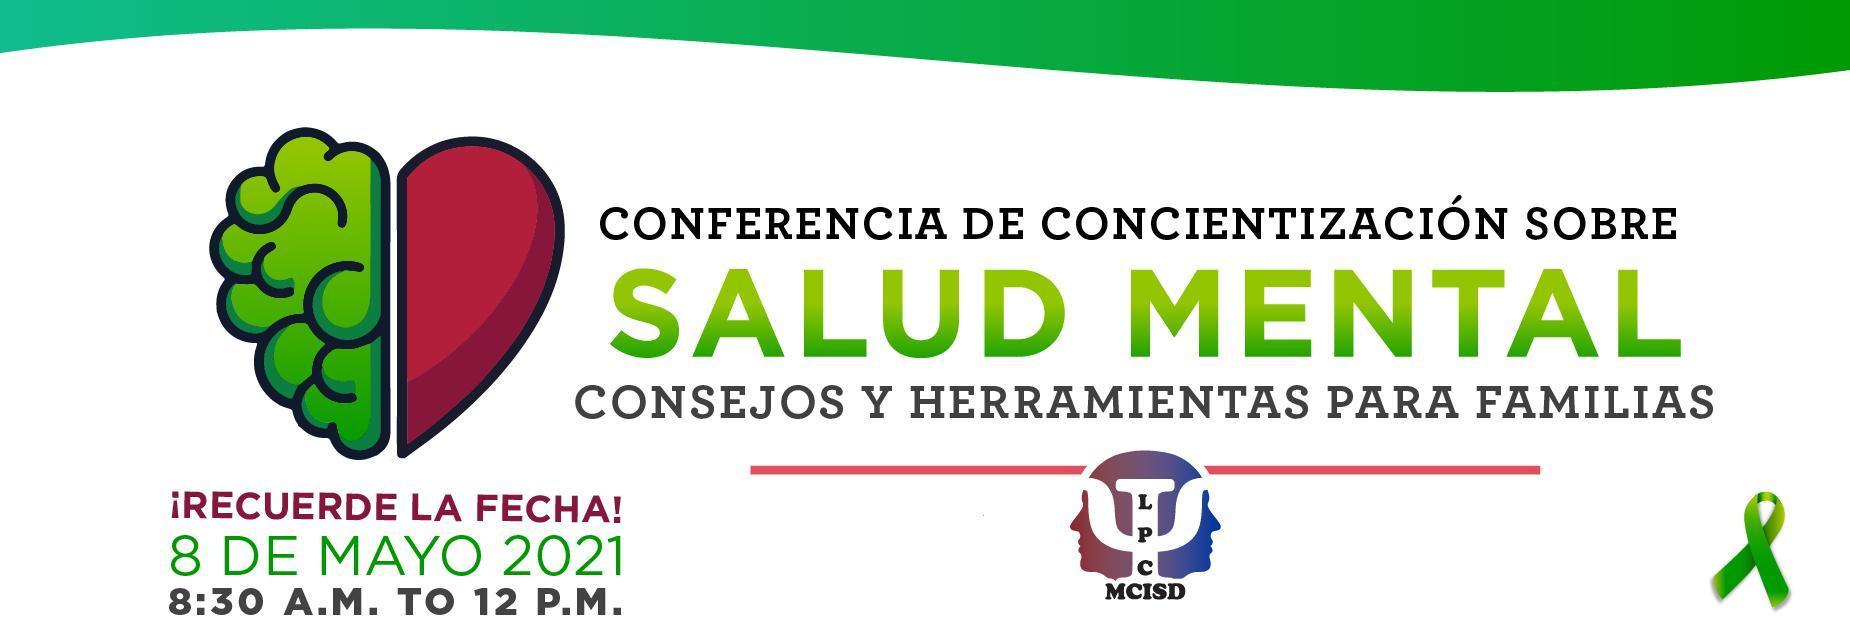 Conferencia de salud mental